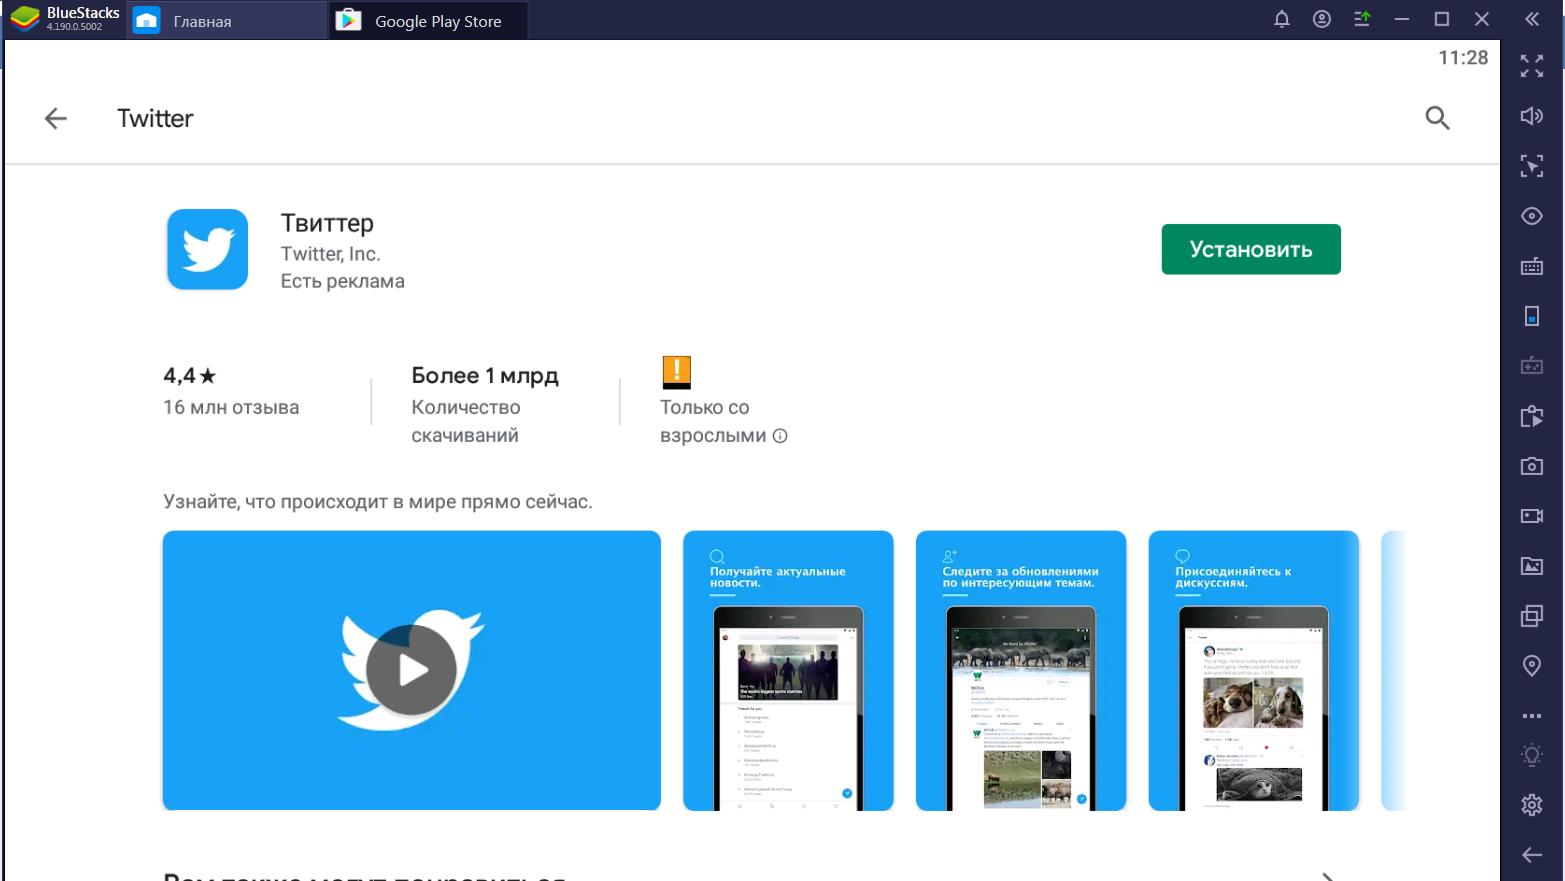 Скачать Twitter в Google Play